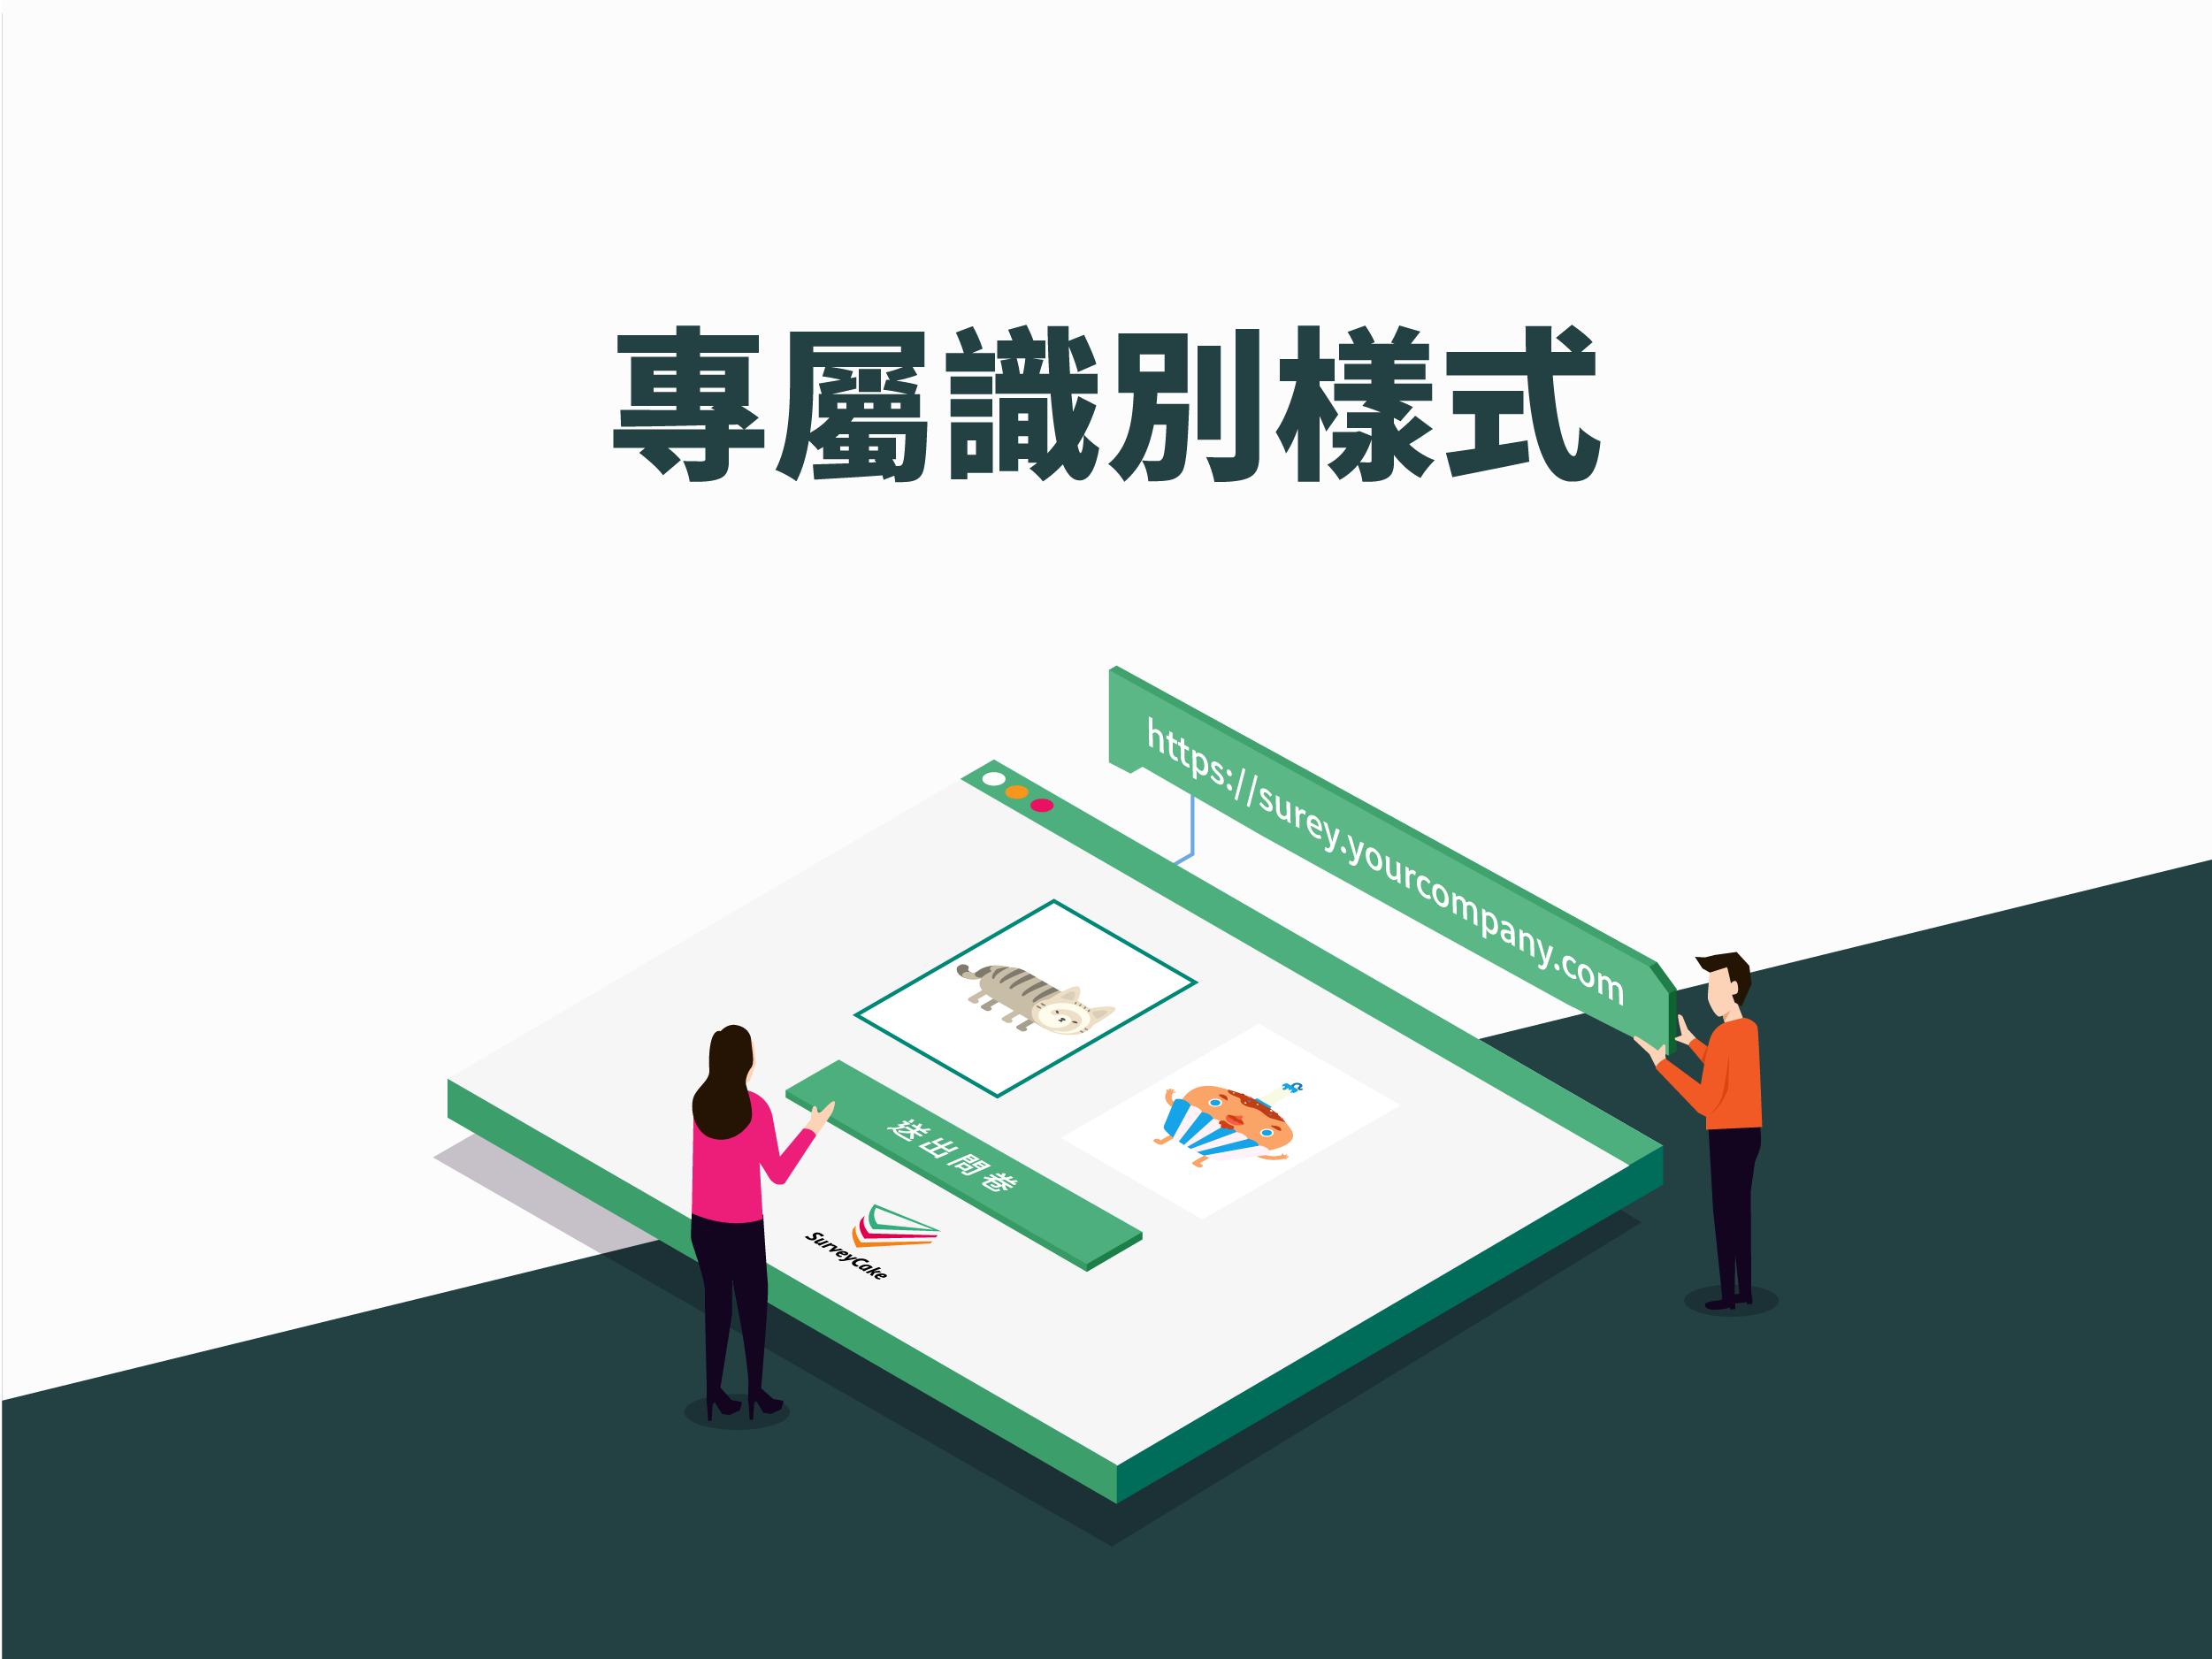 【企業版】客製化表單設計,打造企業專屬表單   SurveyCake Enterprise